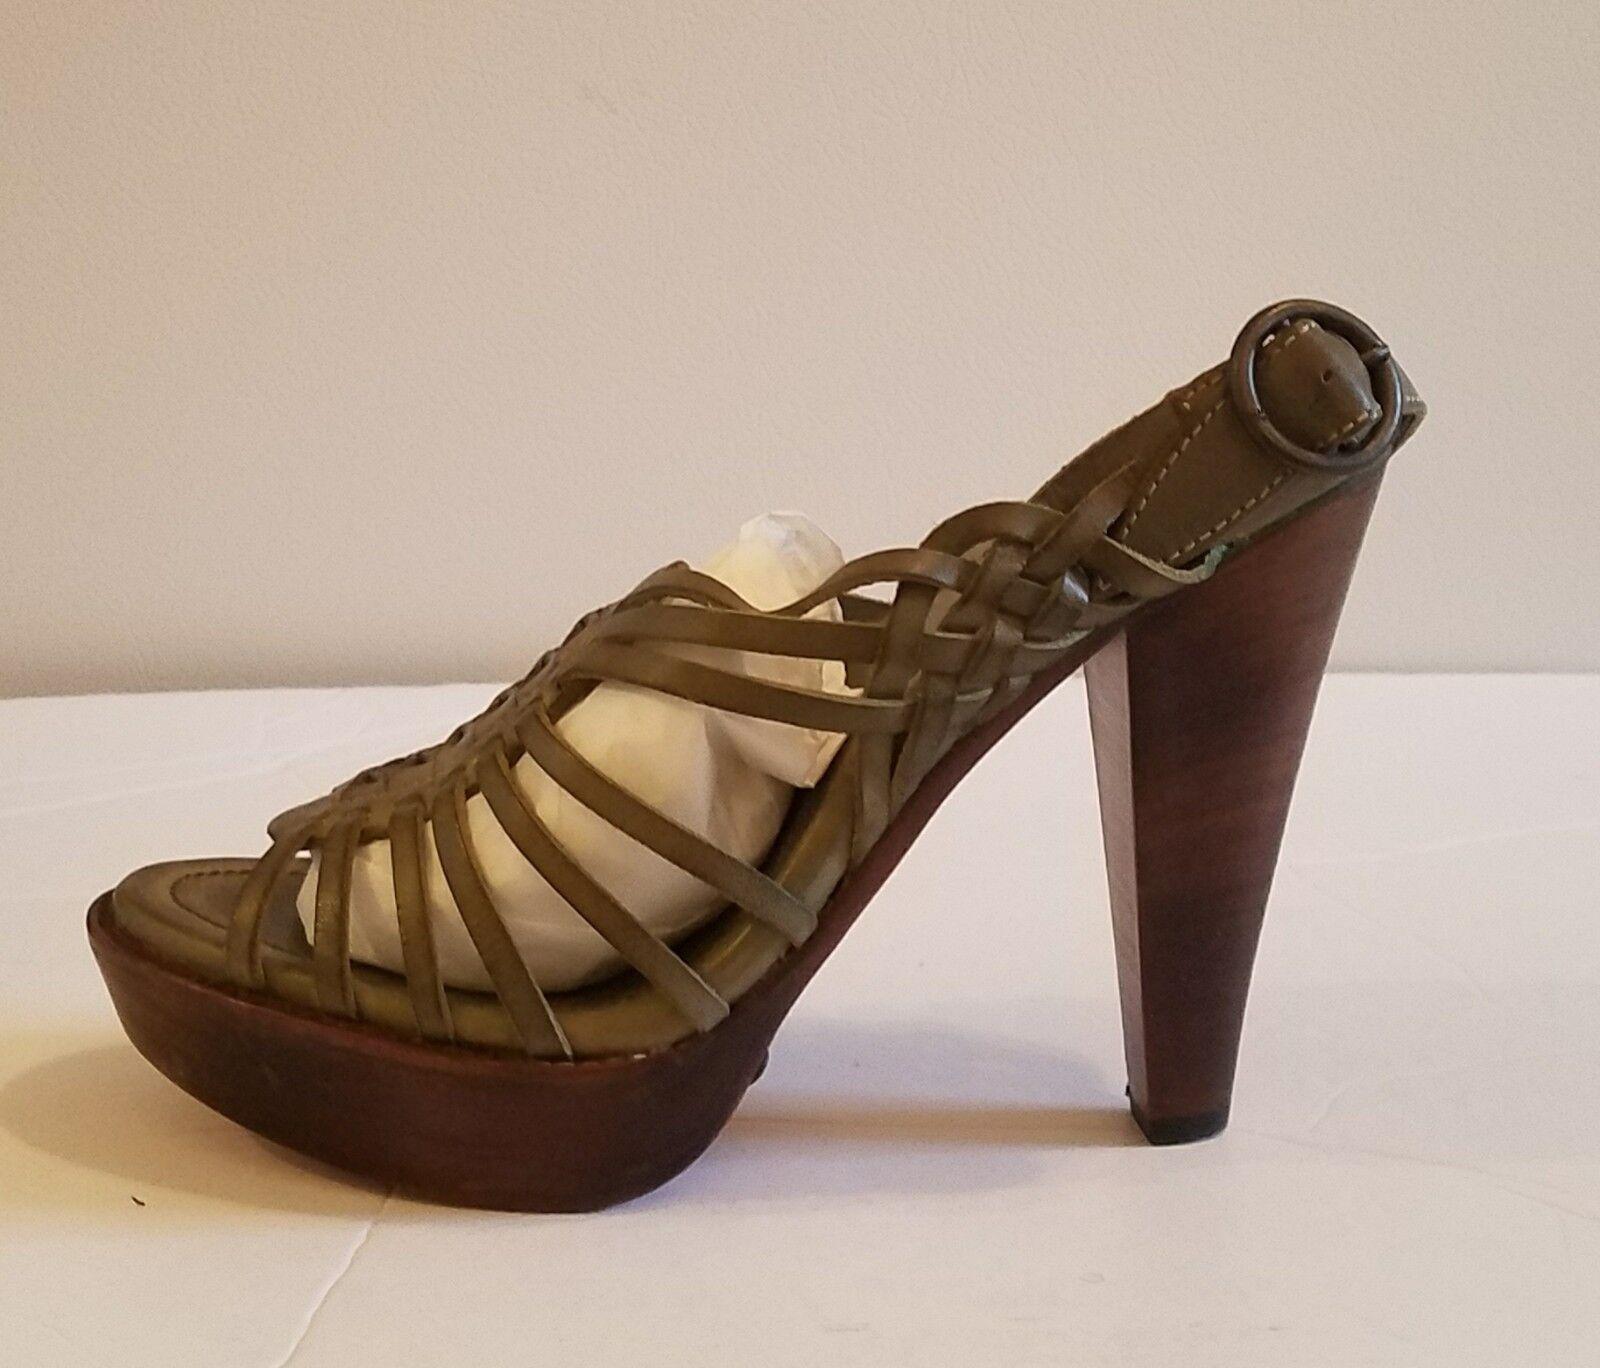 il miglior servizio post-vendita NWB NWB NWB Frye Joy Huarache Sling Strappy Leather Sandals verde sz 11  vendendo bene in tutto il mondo